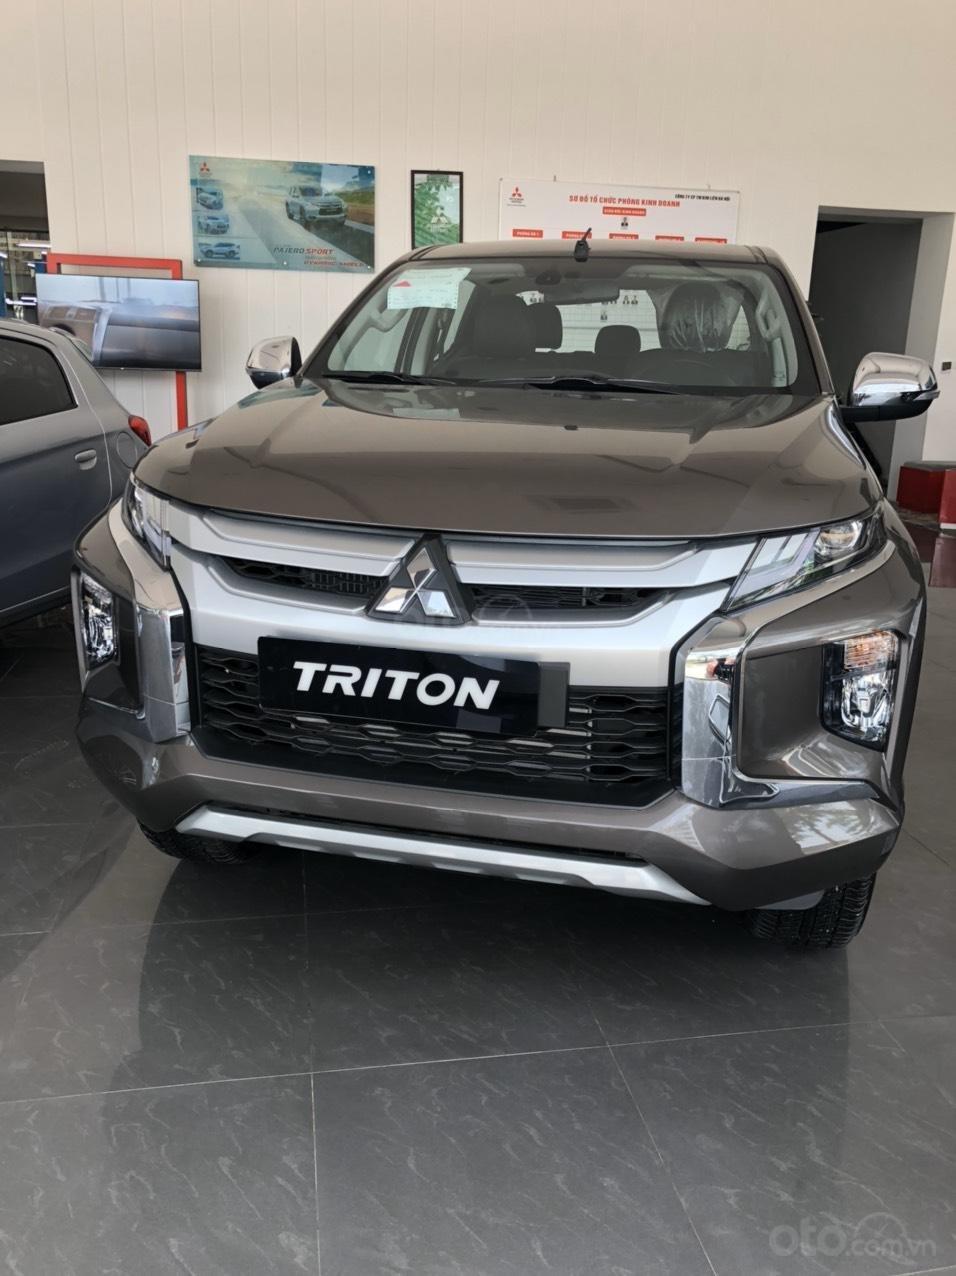 Gấp gấp, Mitsubishi Triton 4x4AT Mivec giá siêu sốc, xe sẵn giao ngay liên hệ 0977242095 để nhận ưu đãi tốt hơn nữa (14)